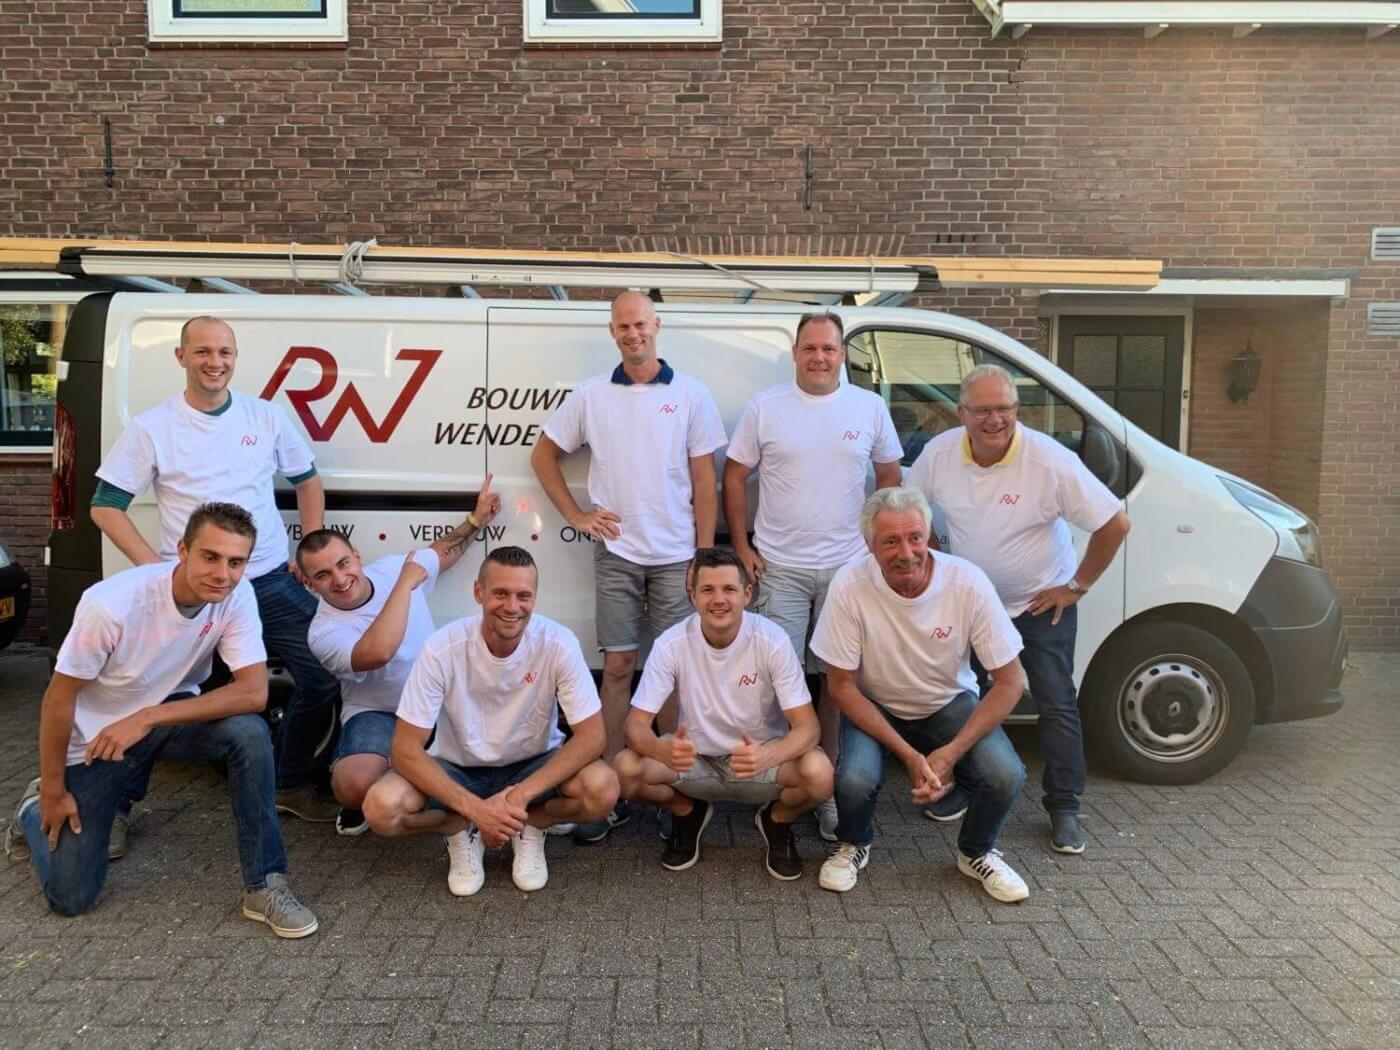 Over ons - Bouwbedrijf Wendelgelst - Aannemer in Noord-Holland, Rijsenhout